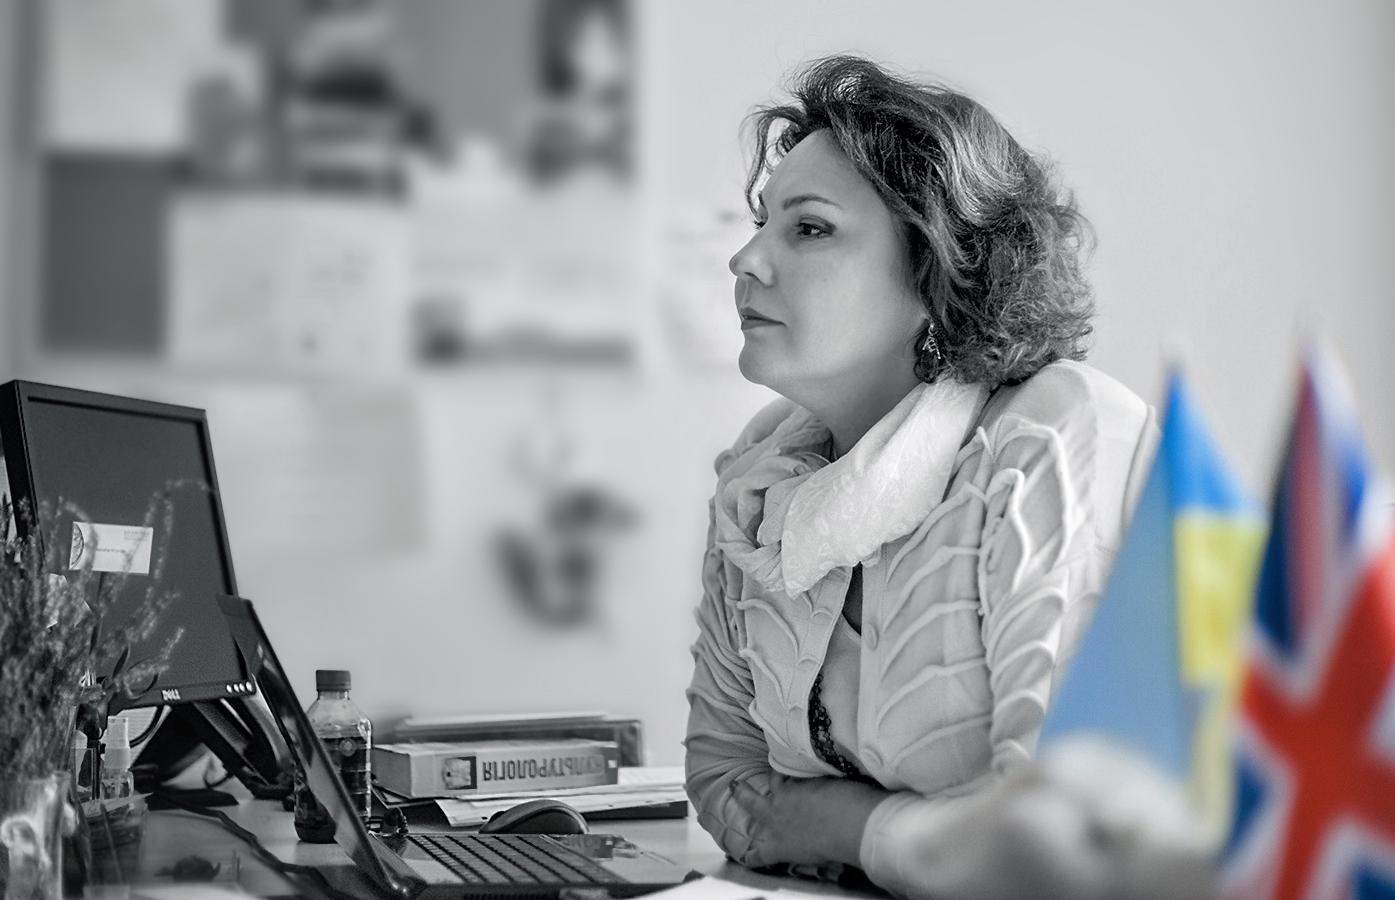 «Общество рисков: что должен делать лидер?», — рассказывает Наталья Кривда, академический директор Эдинбургской бизнес-школы в Украине